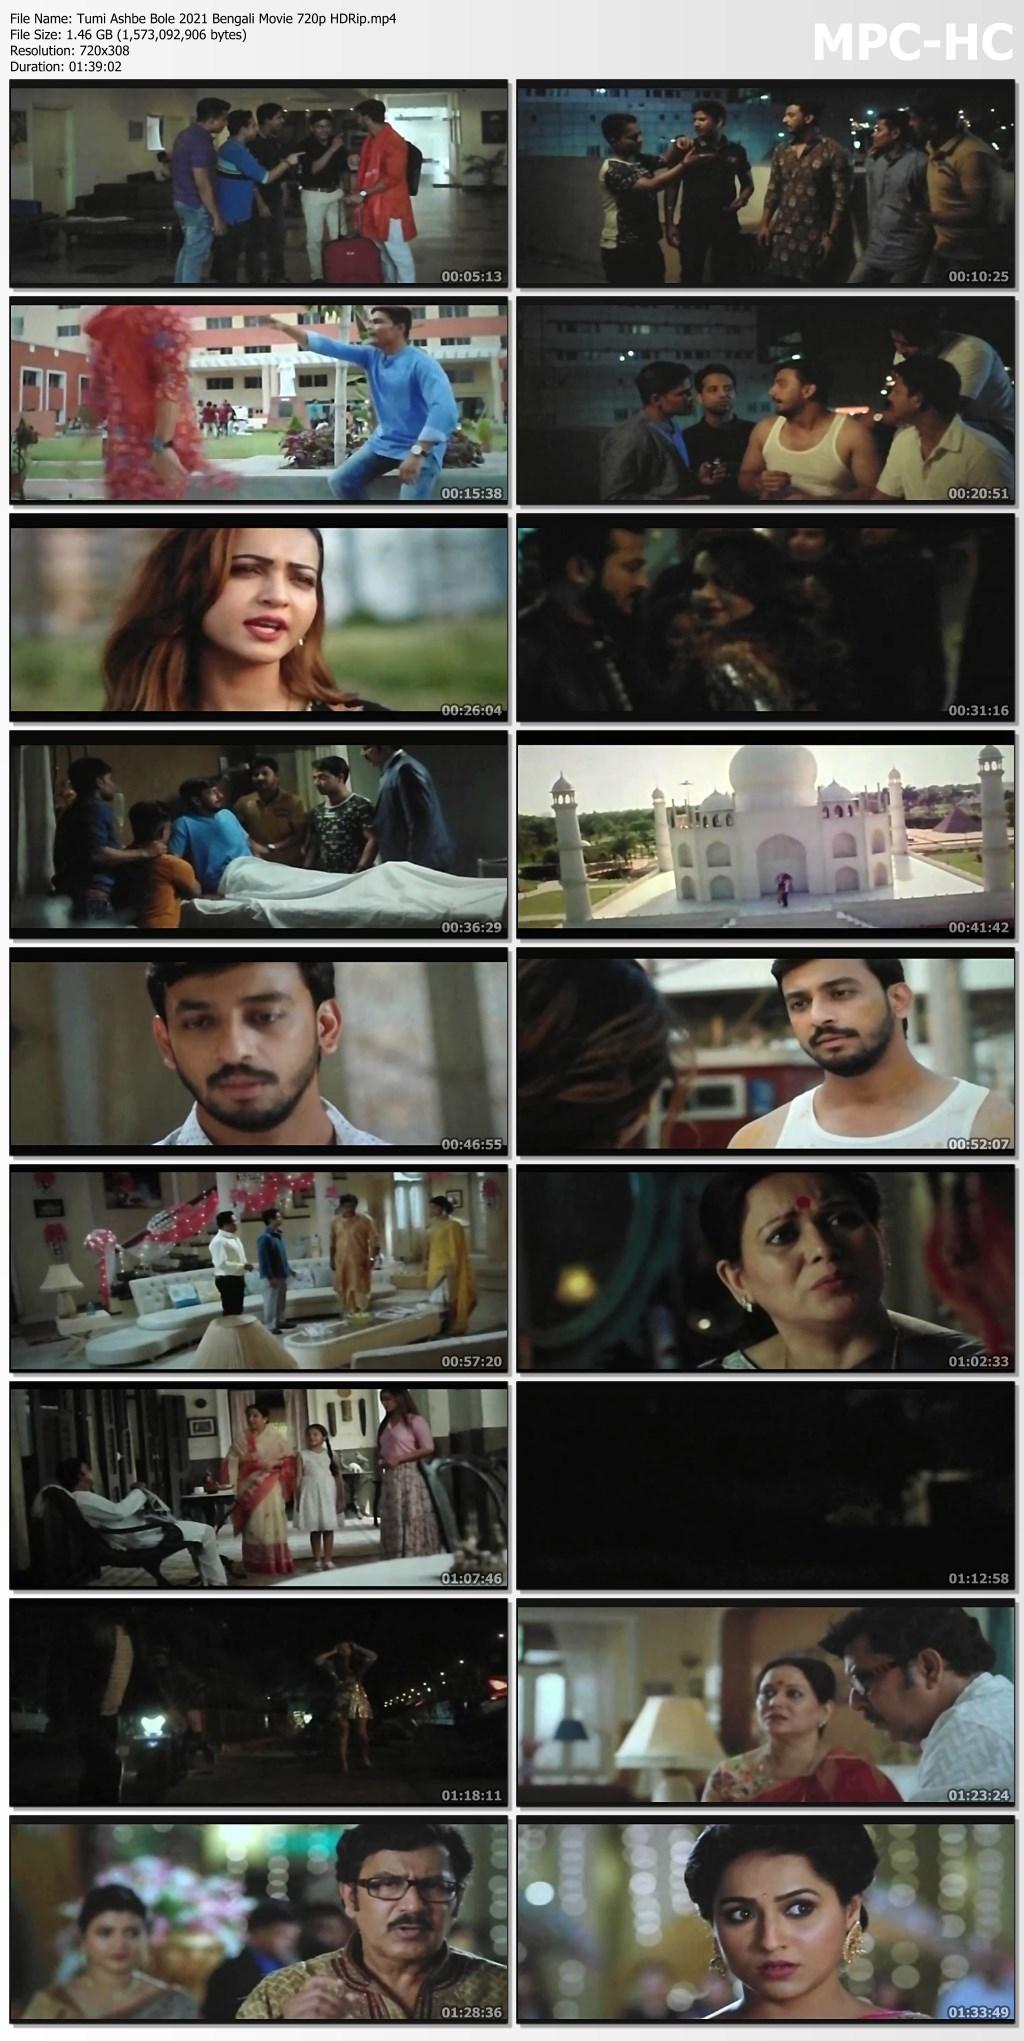 Tumi Ashbe Bole 2021 Bengali Movie 720p HDRip.mp4 thumbs